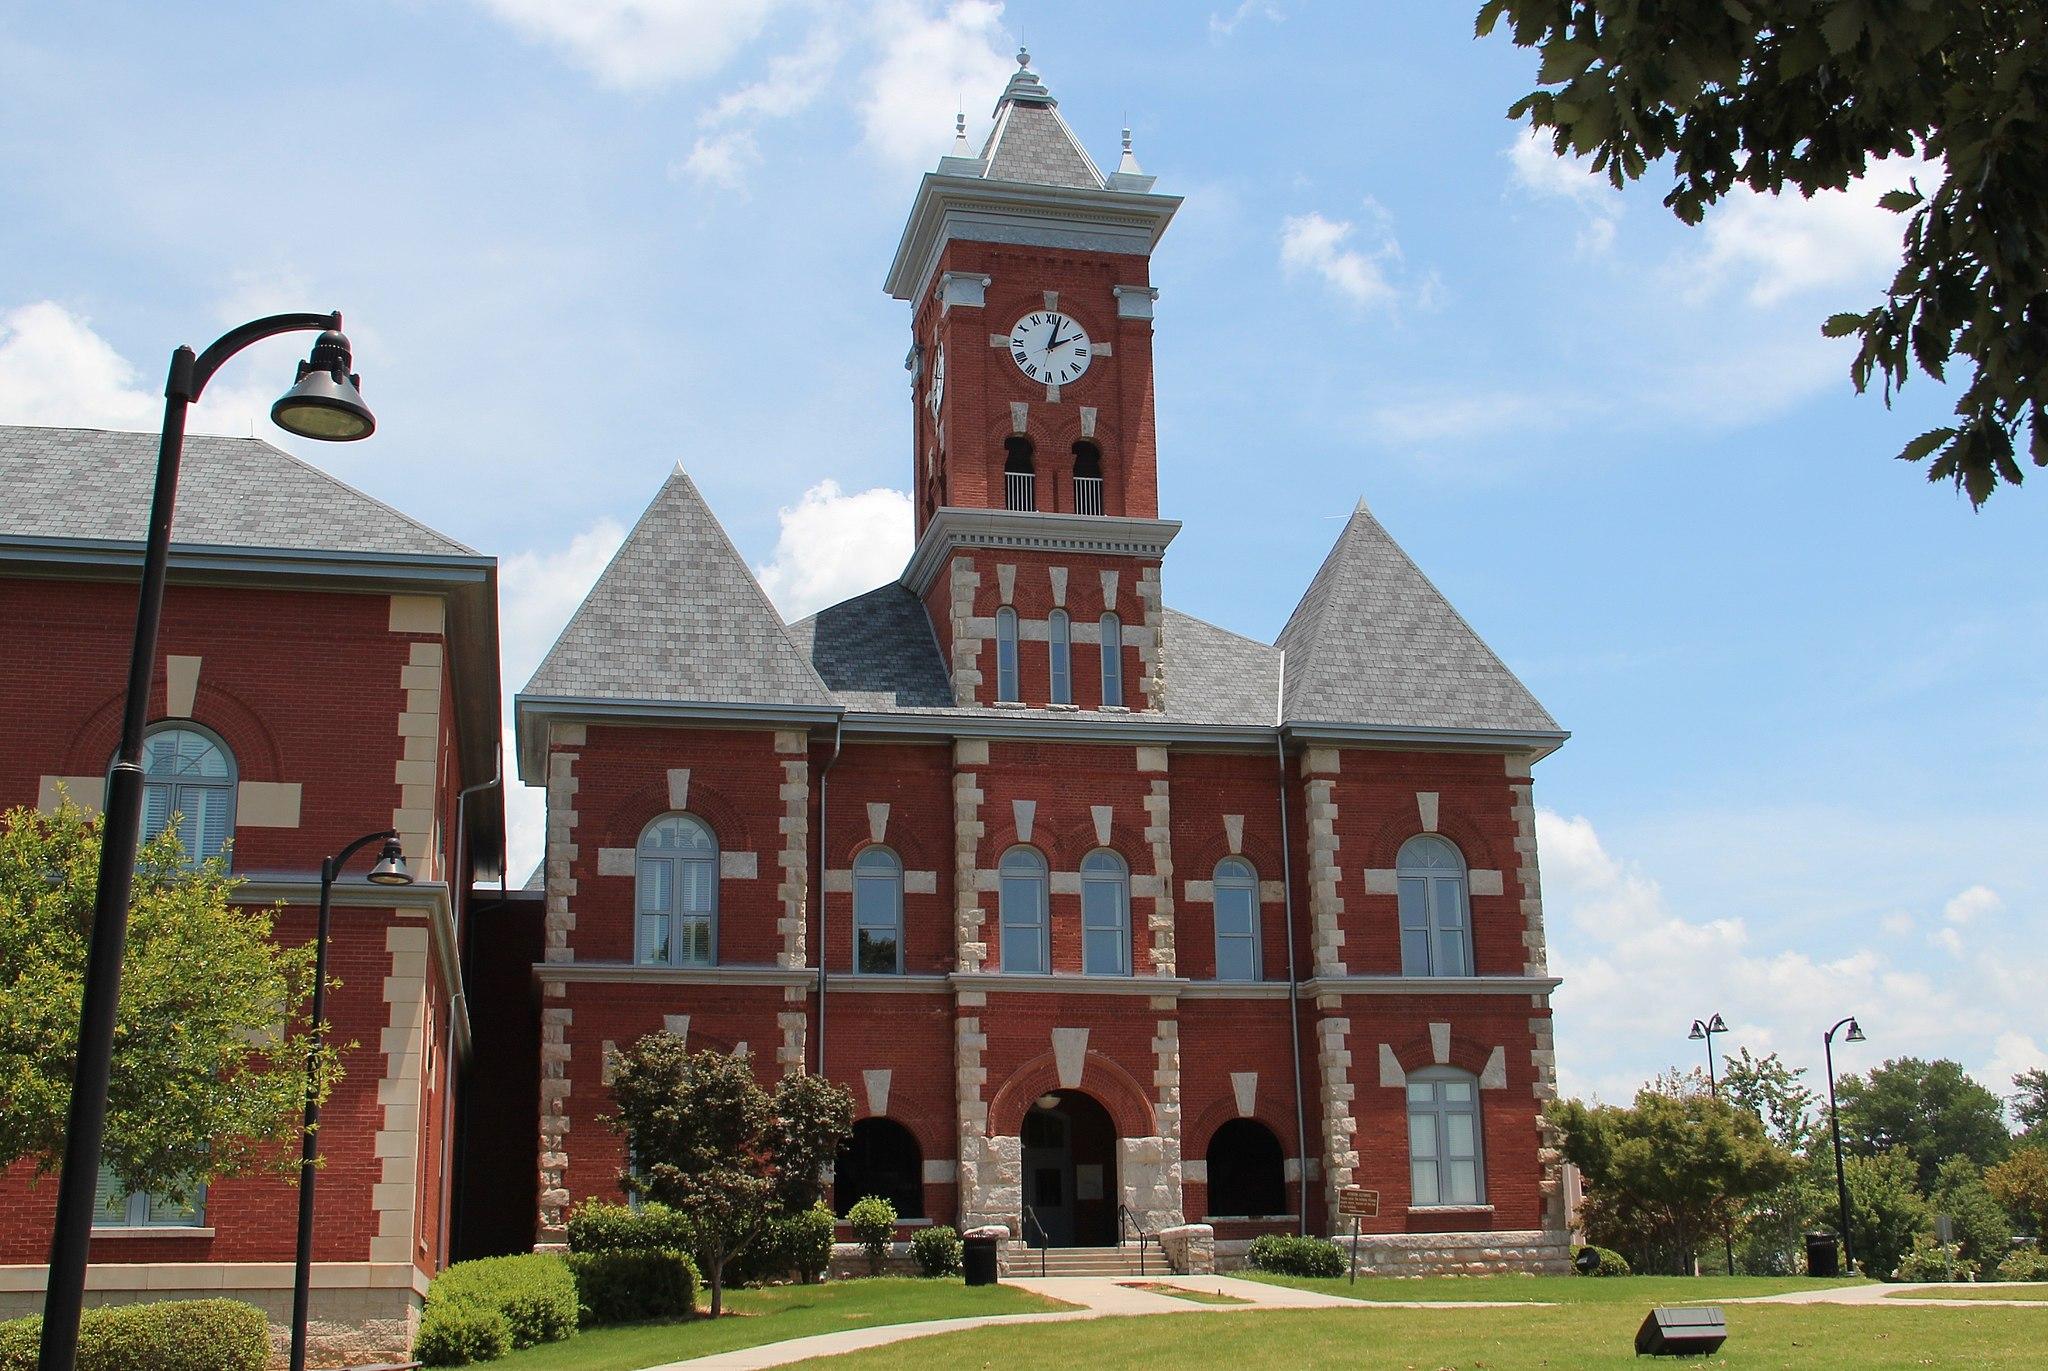 Clayton County, Georgia Courthouse